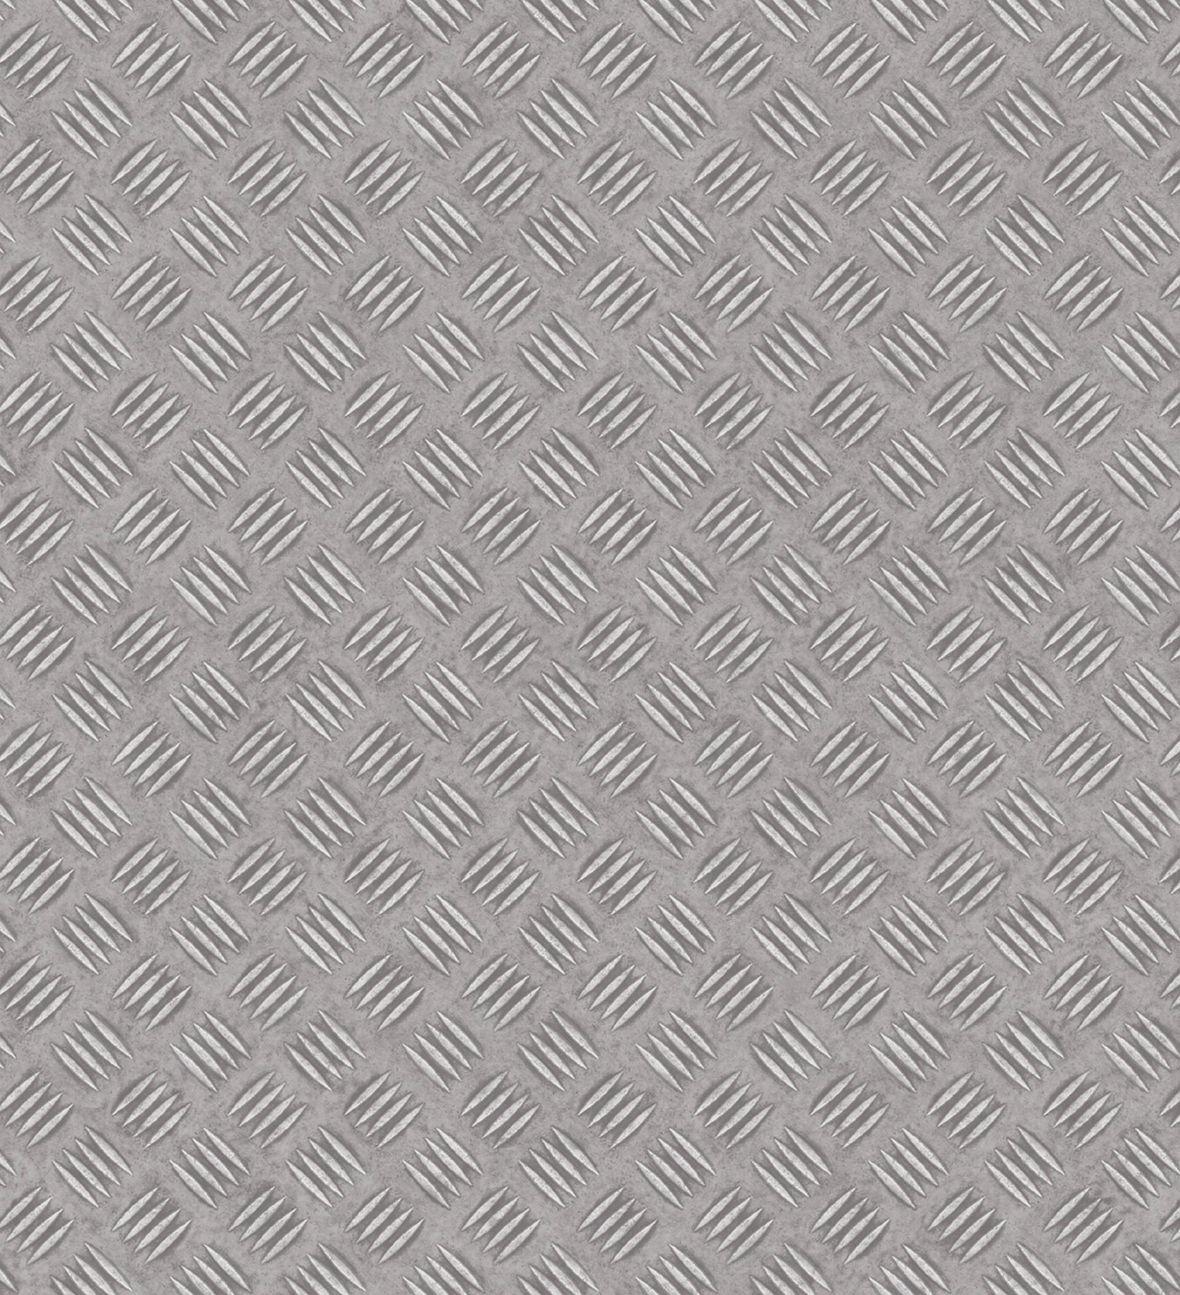 BINGO 091 SOLID INDUSTRIAL 2M